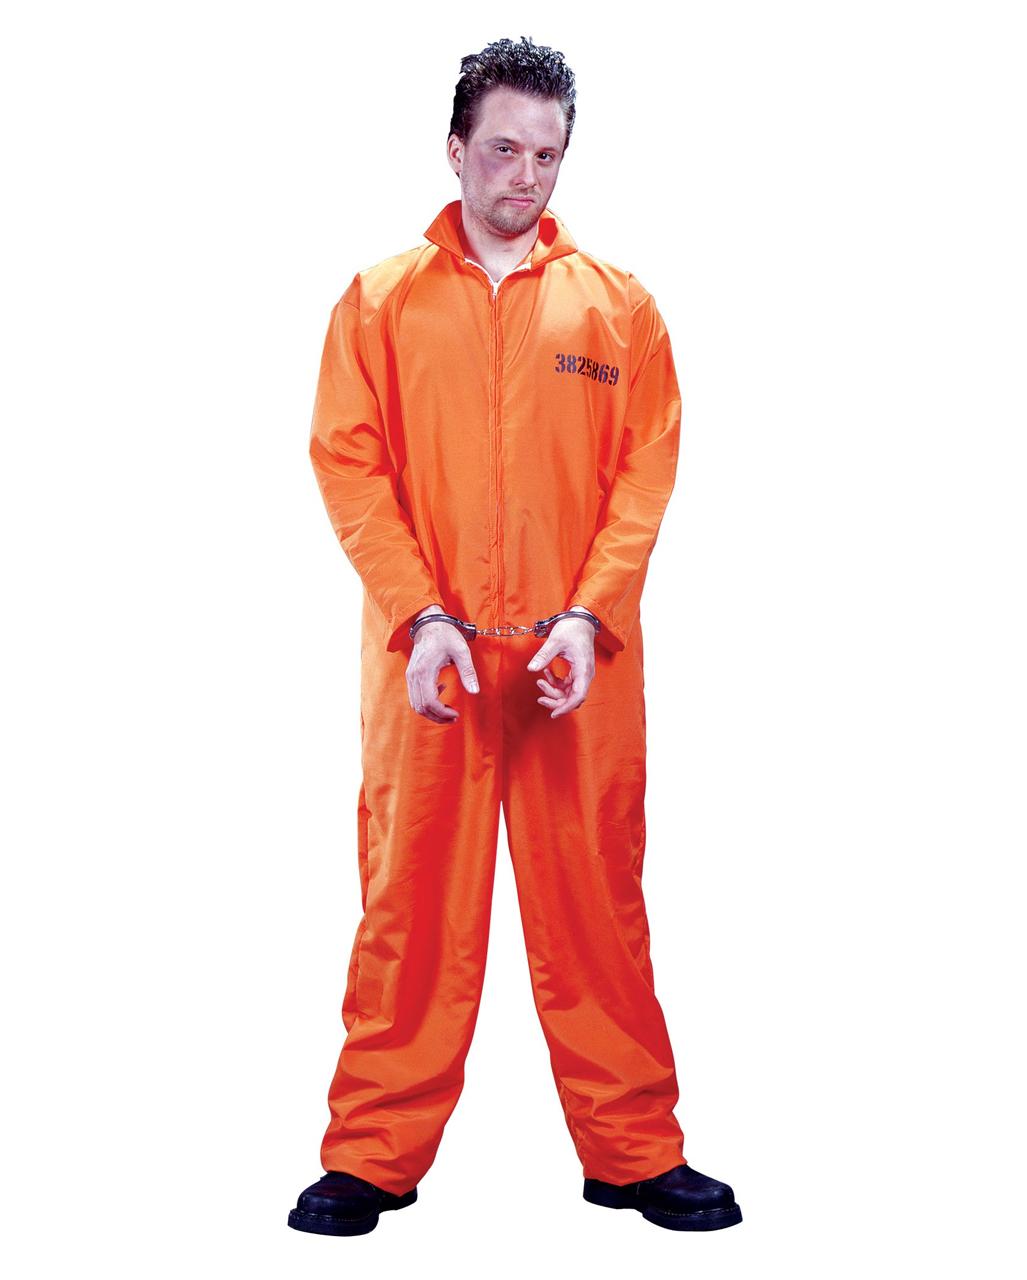 Us Prisoner Costume Convict Costume Prisoner Jumpsuit